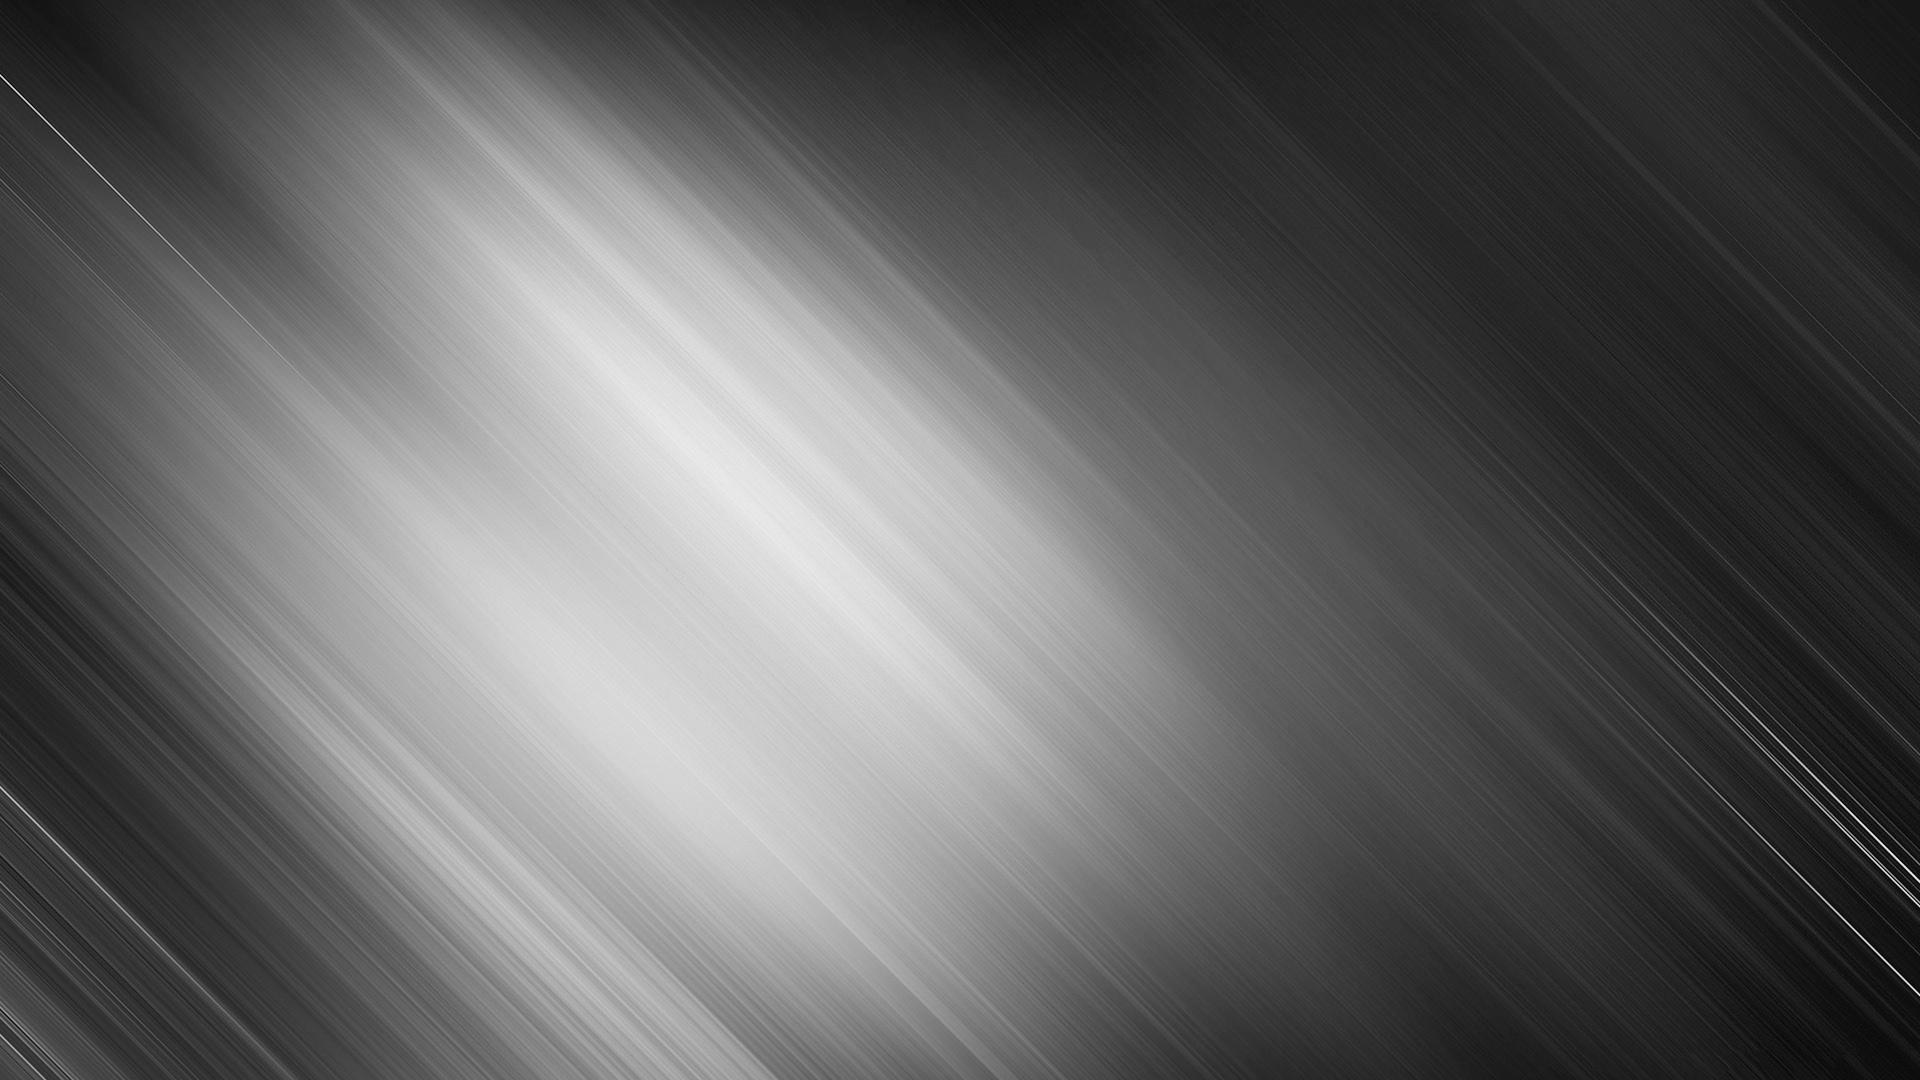 Fonds D Ecran Abstrait Noir Et Blanc Maximumwall